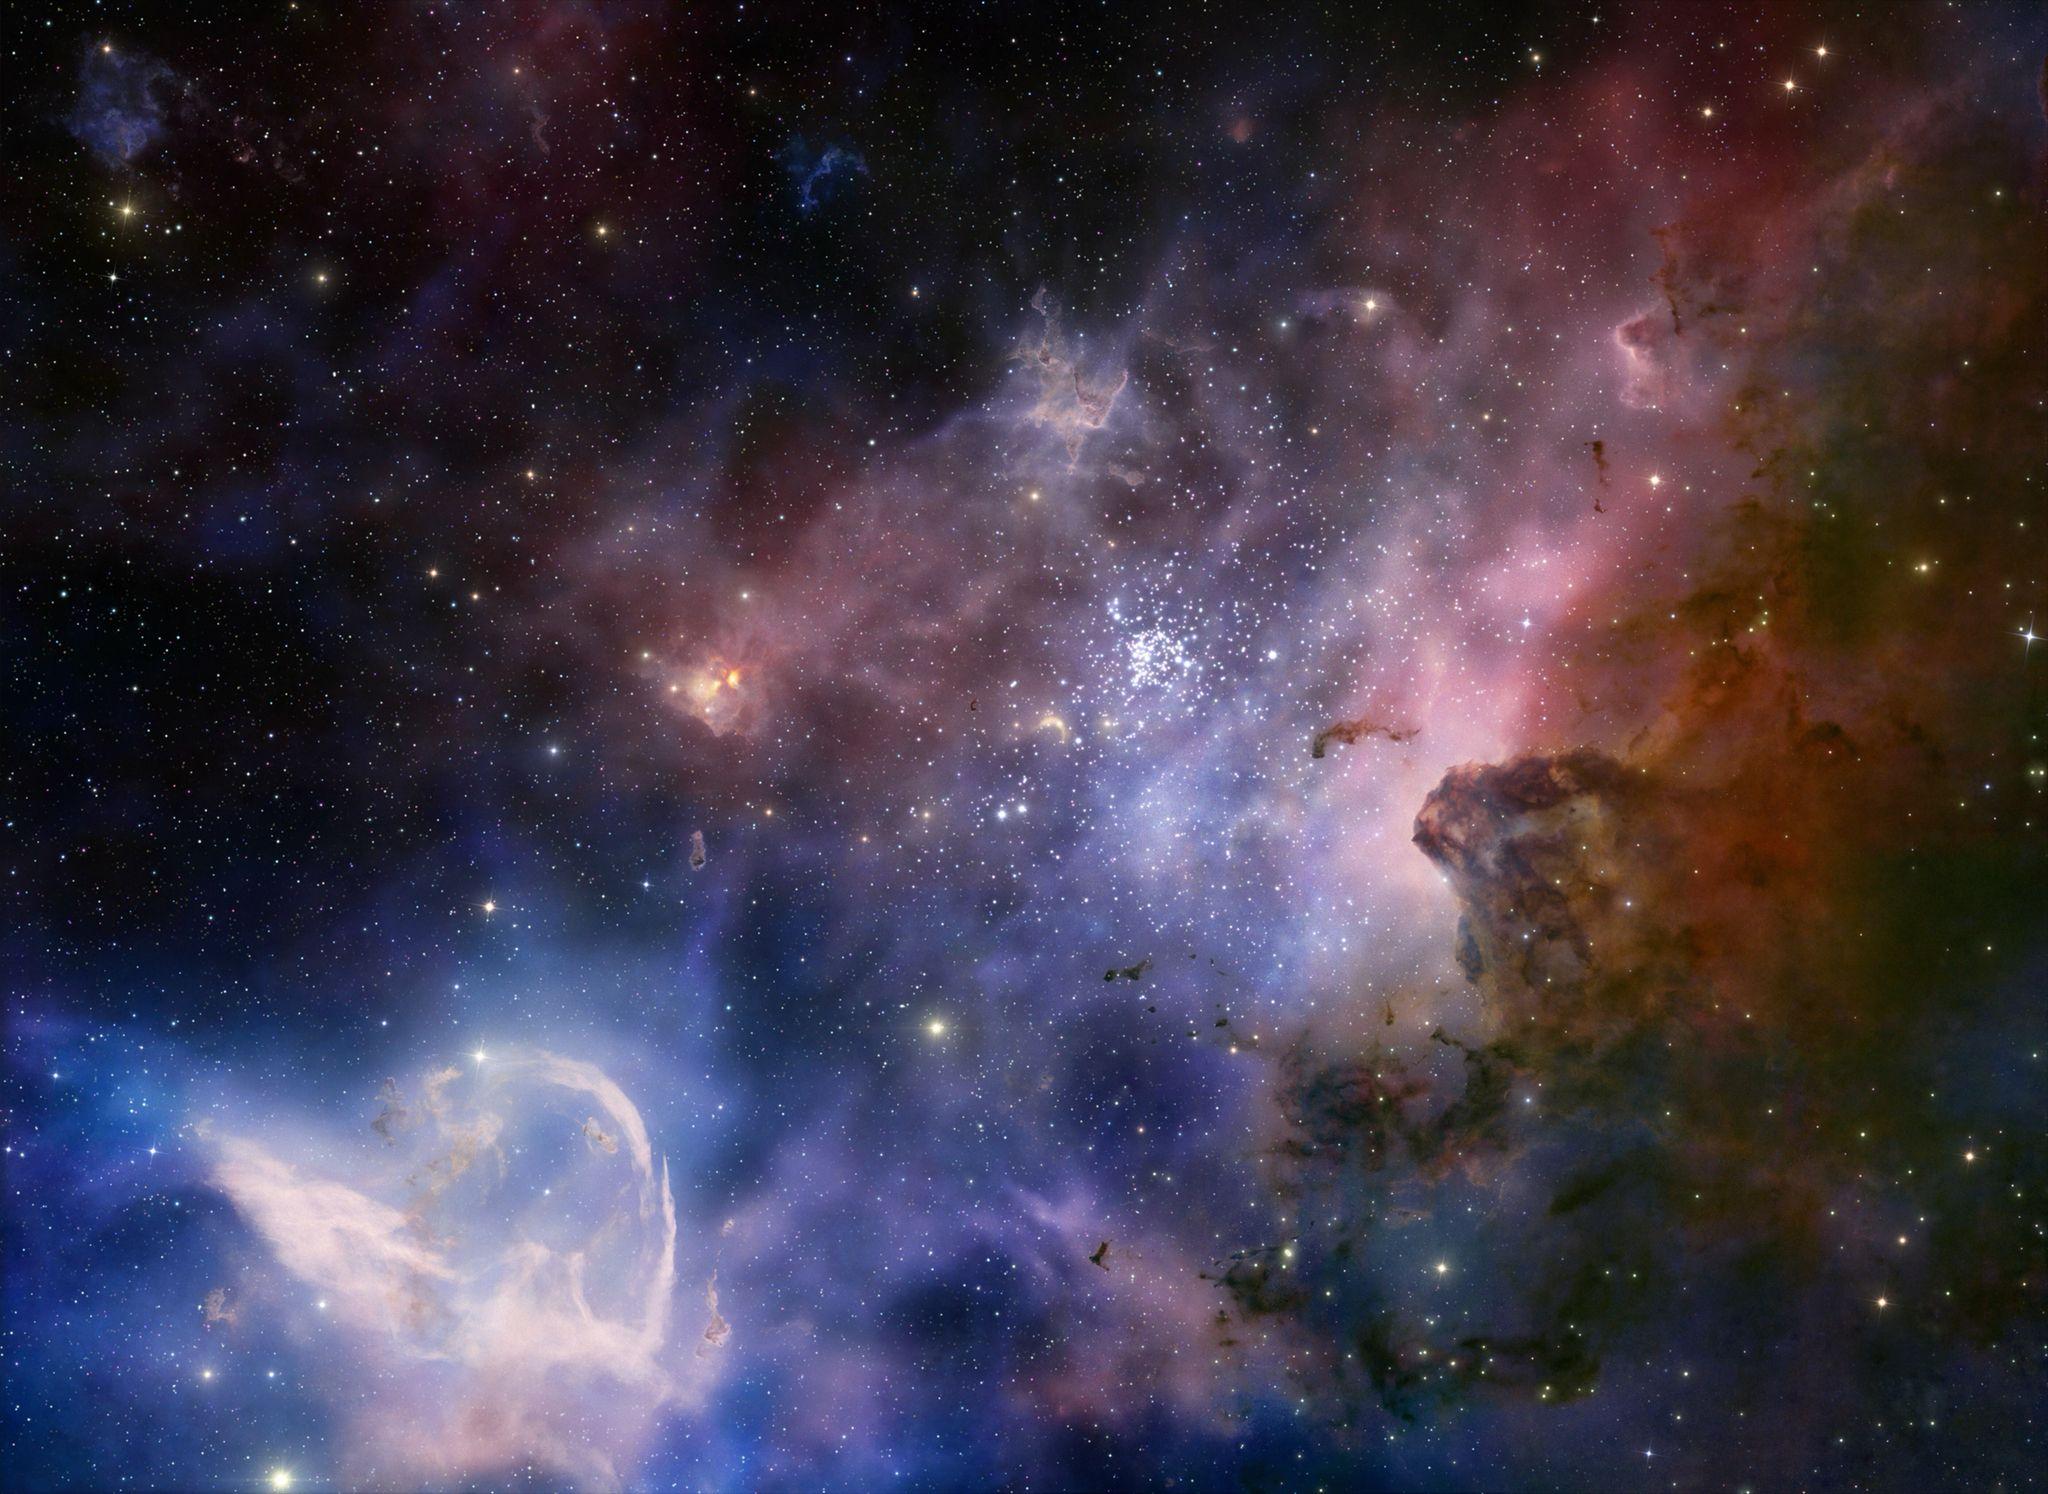 9a45aa0d7ff26283ab008c698dd5d48f Verwunderlich Das Weltall ist Unendlich Dekorationen